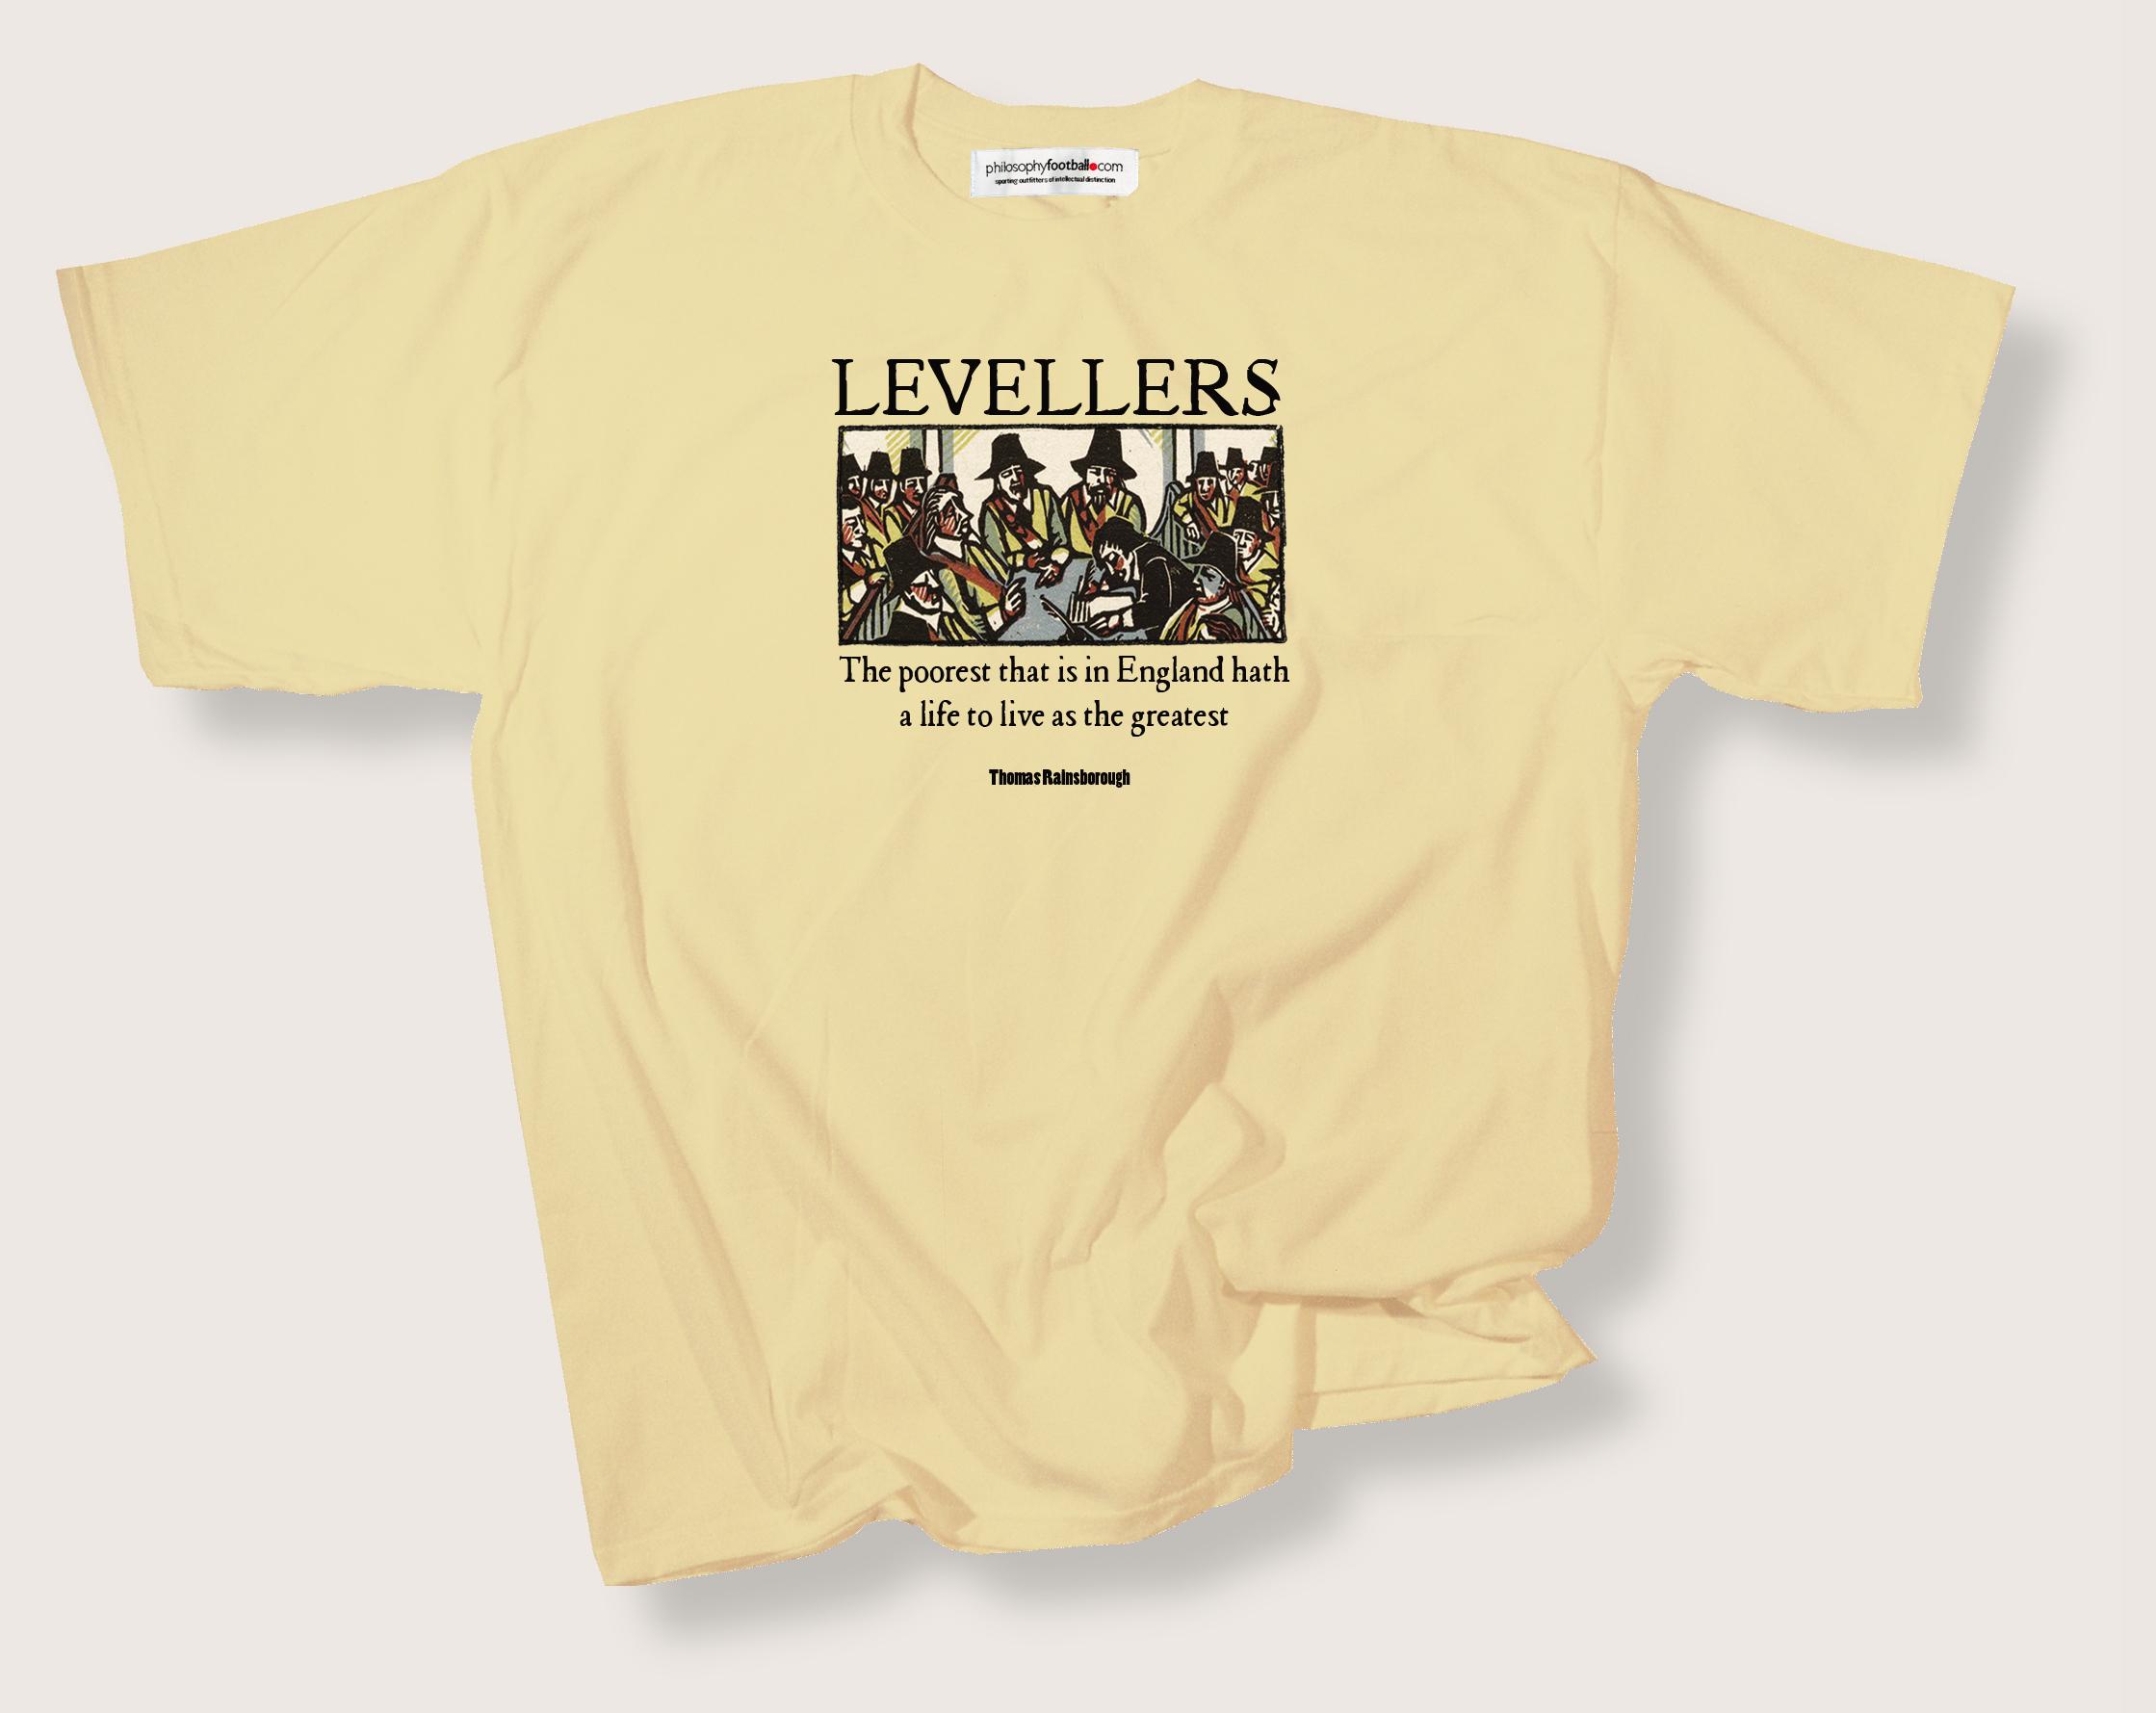 Levellers_unbleached_s-s-3c1b52bcefabaa930394bd742de53899-